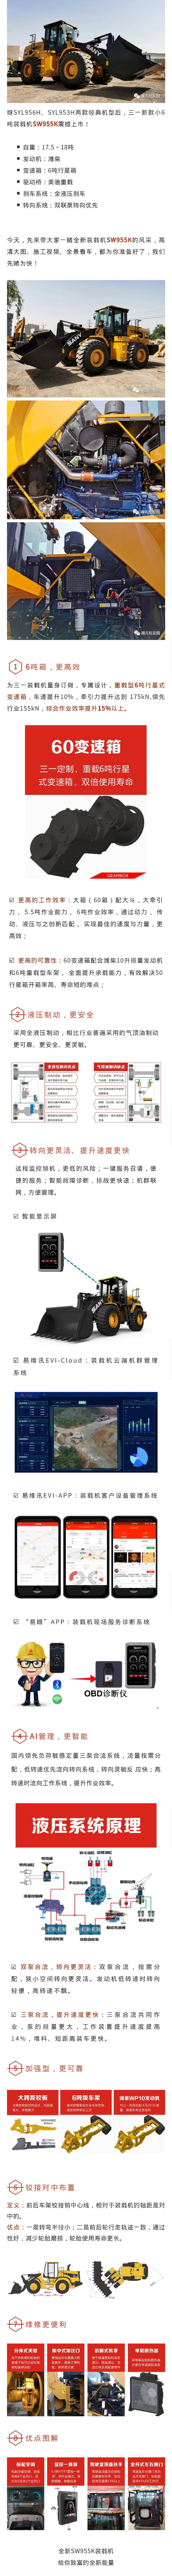 【新品】三一全新6吨装载机SW955K上市!